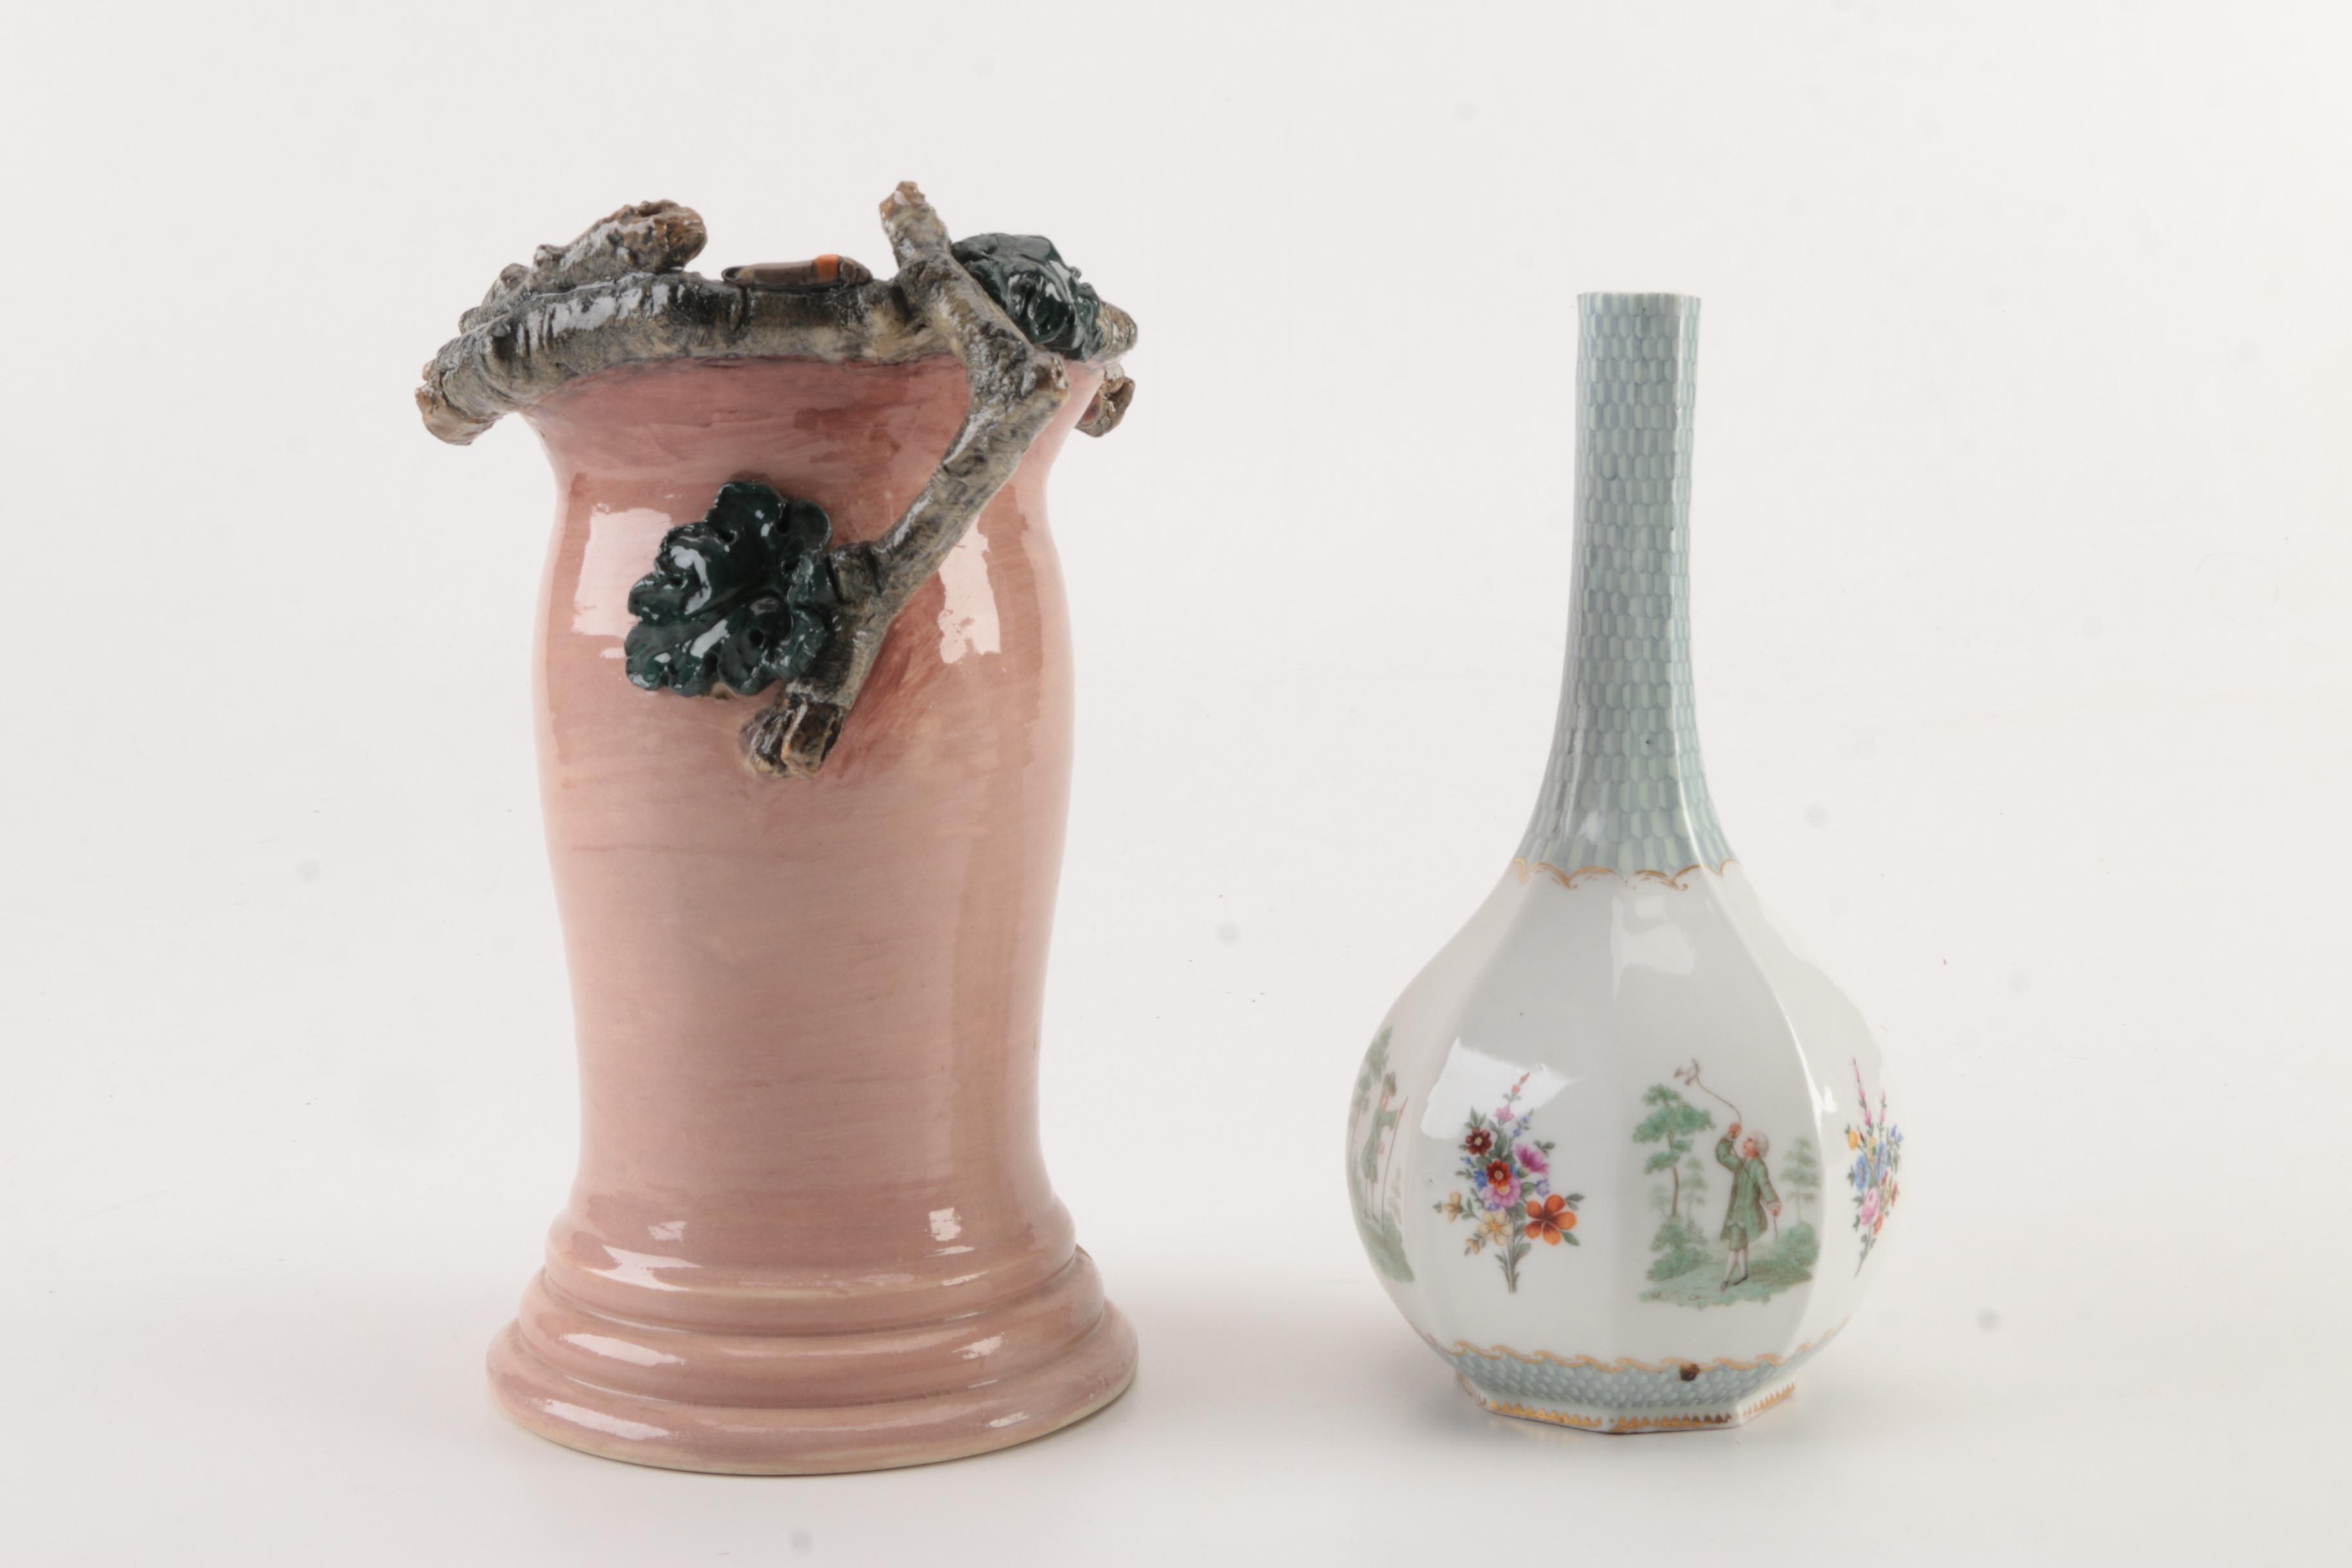 Signed Decorative Ceramic Vases